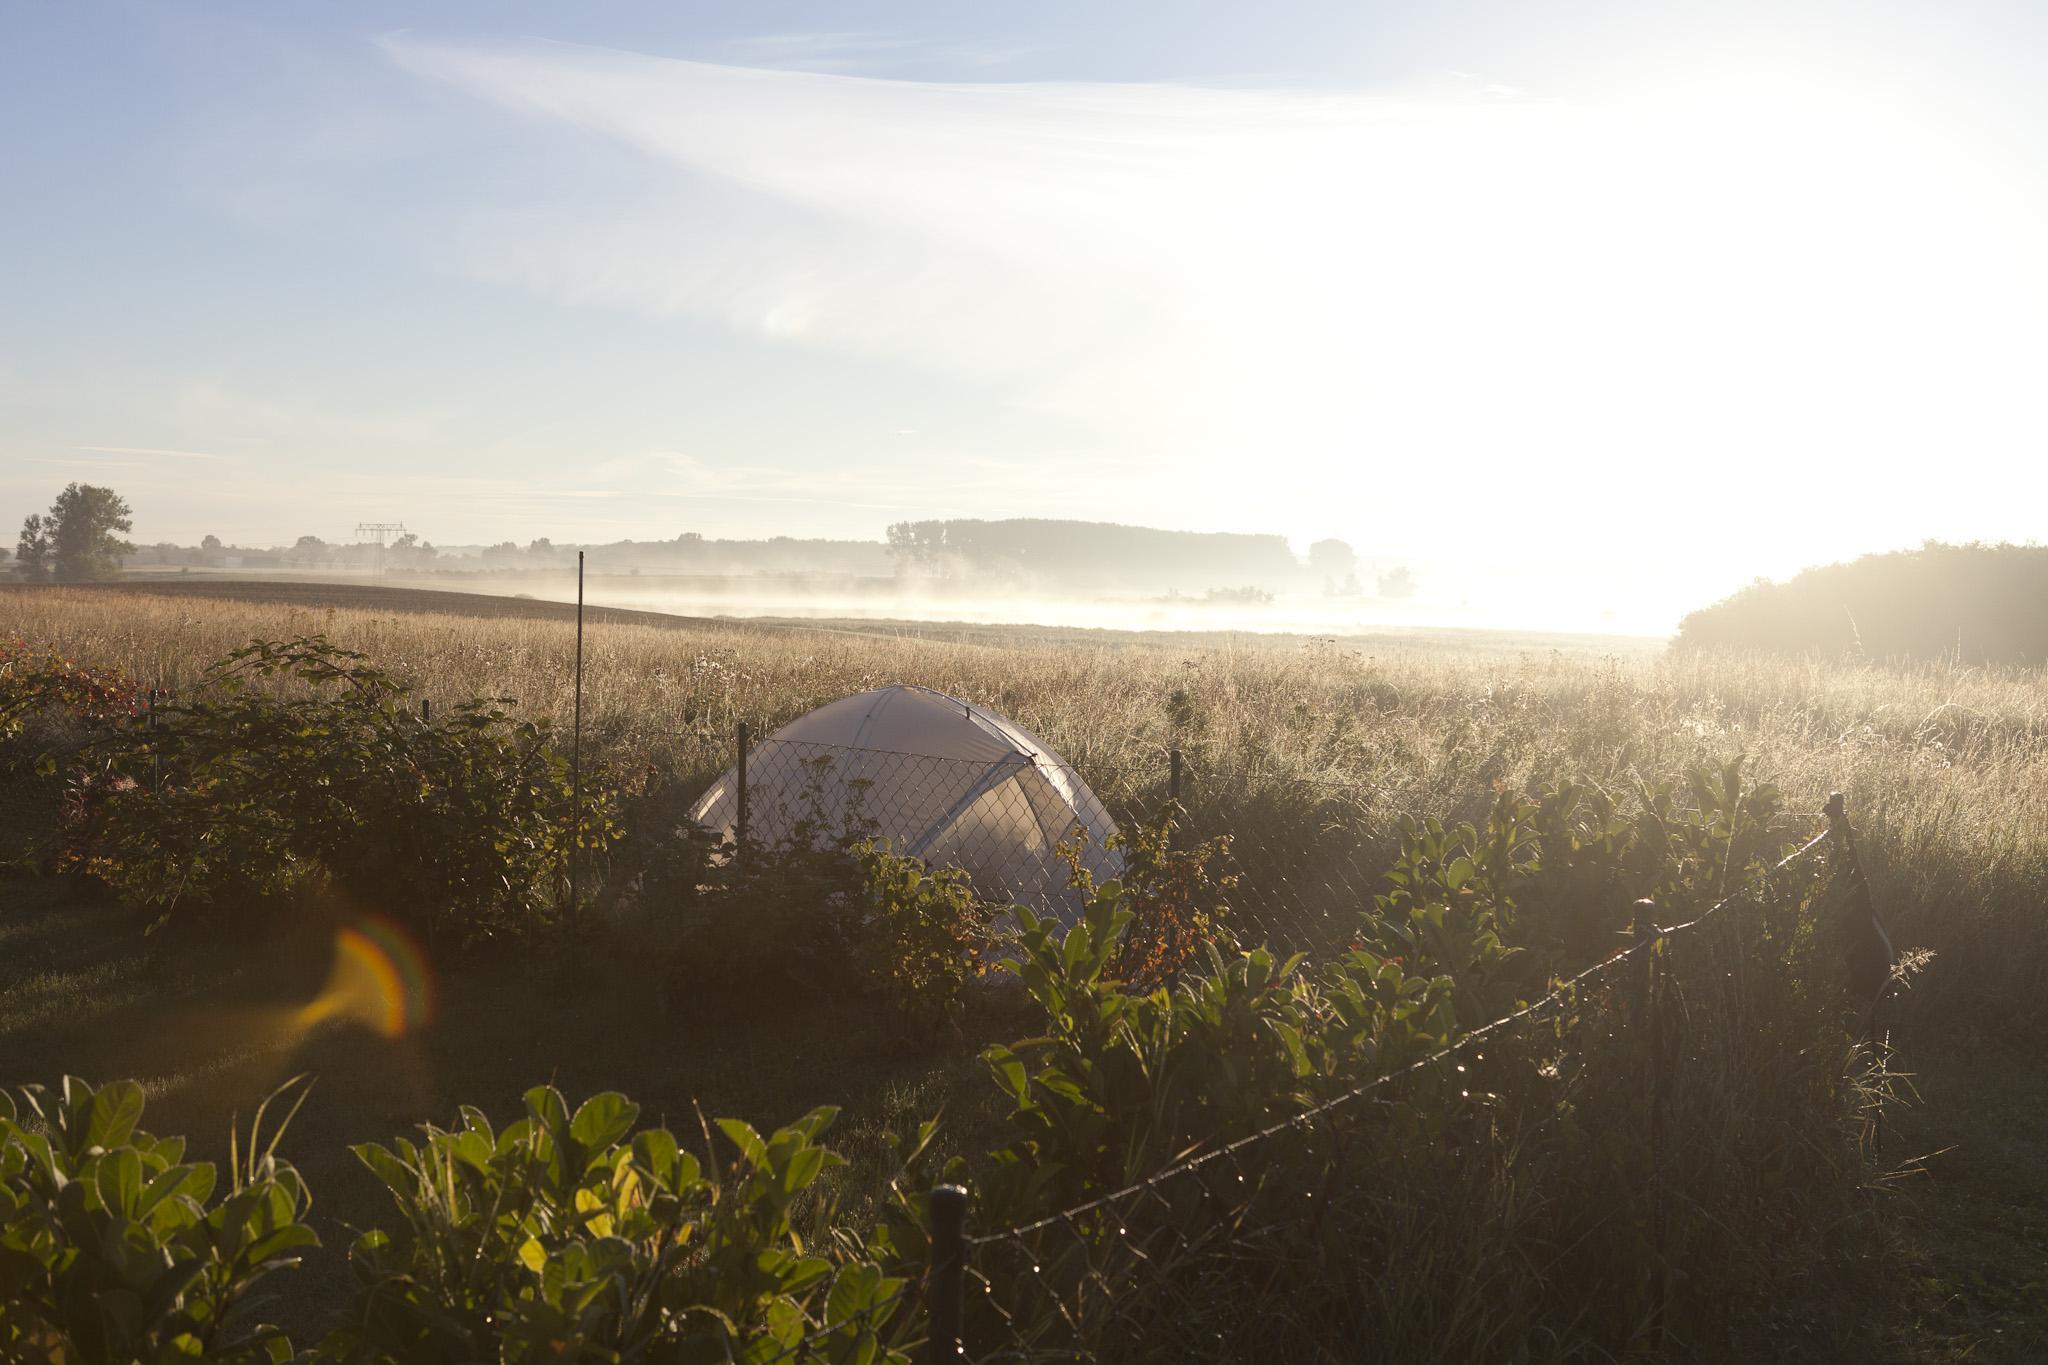 Zelt auf Feld während Sonnenaufgang